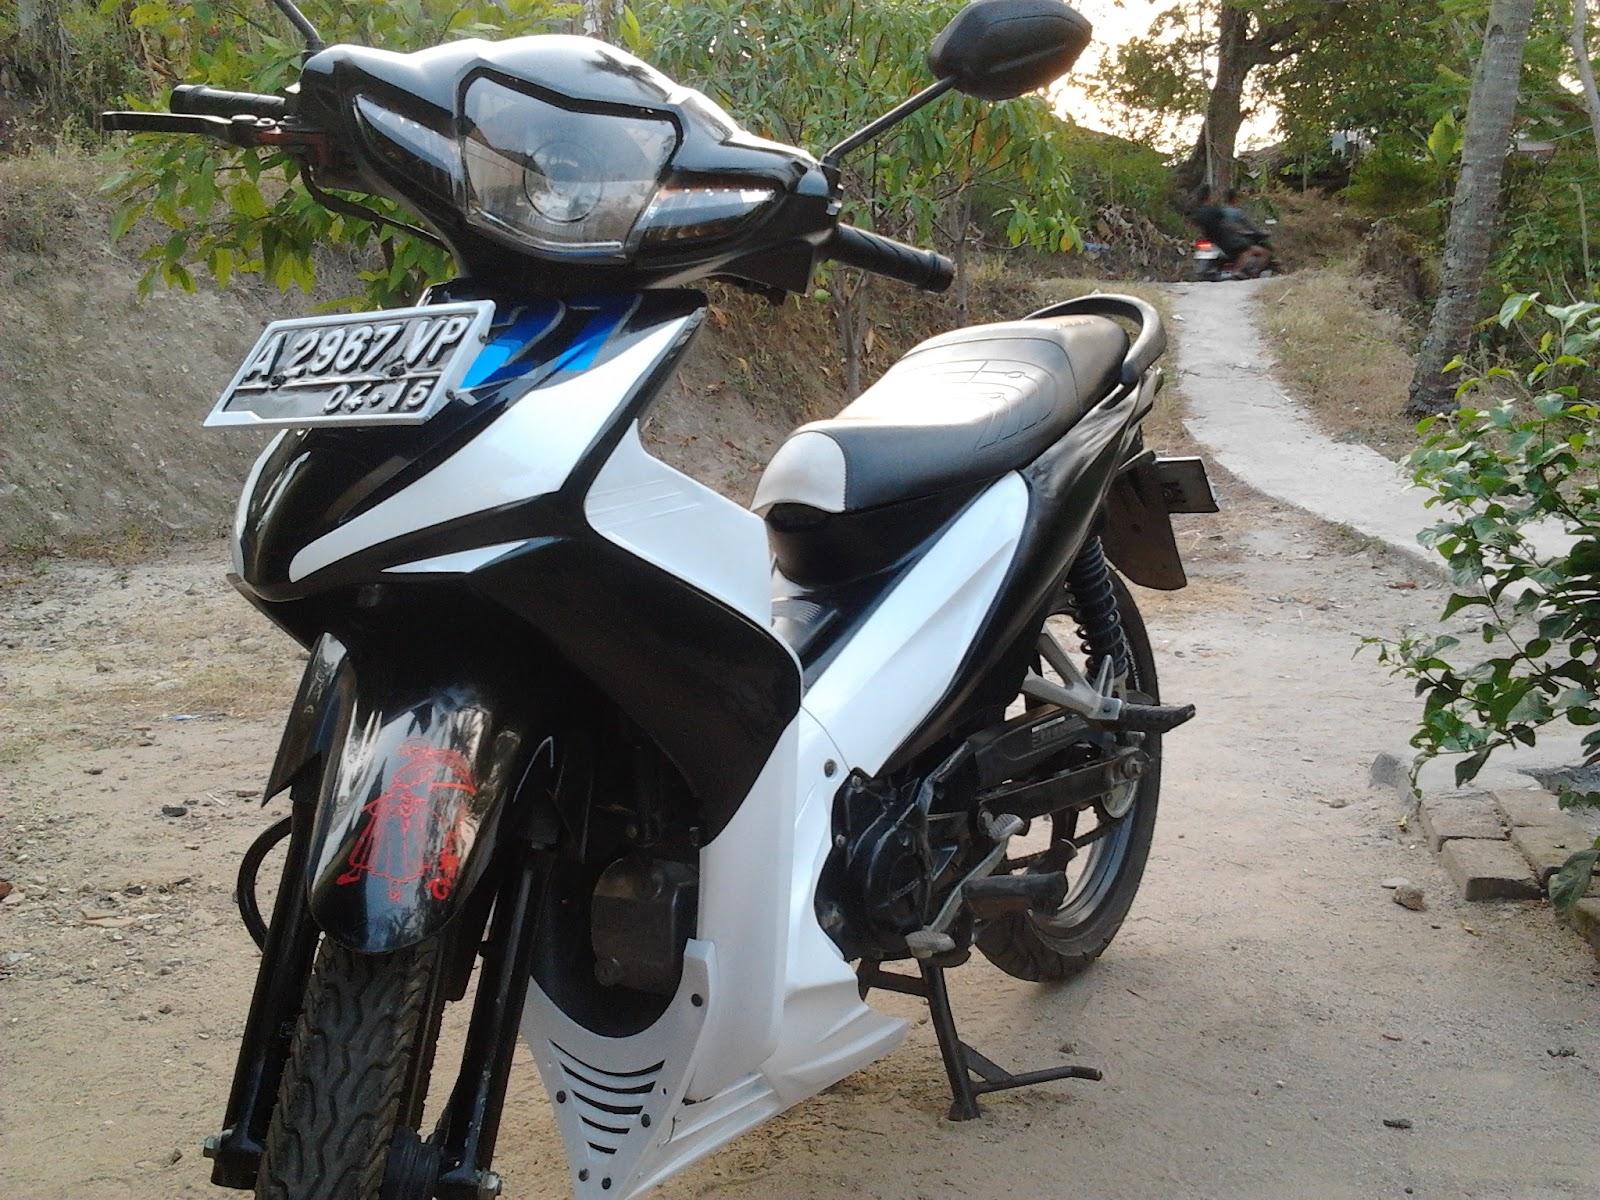 Foto Gambar Modifikasi Motor Revo Fit 2012 Terbaru Sukaon